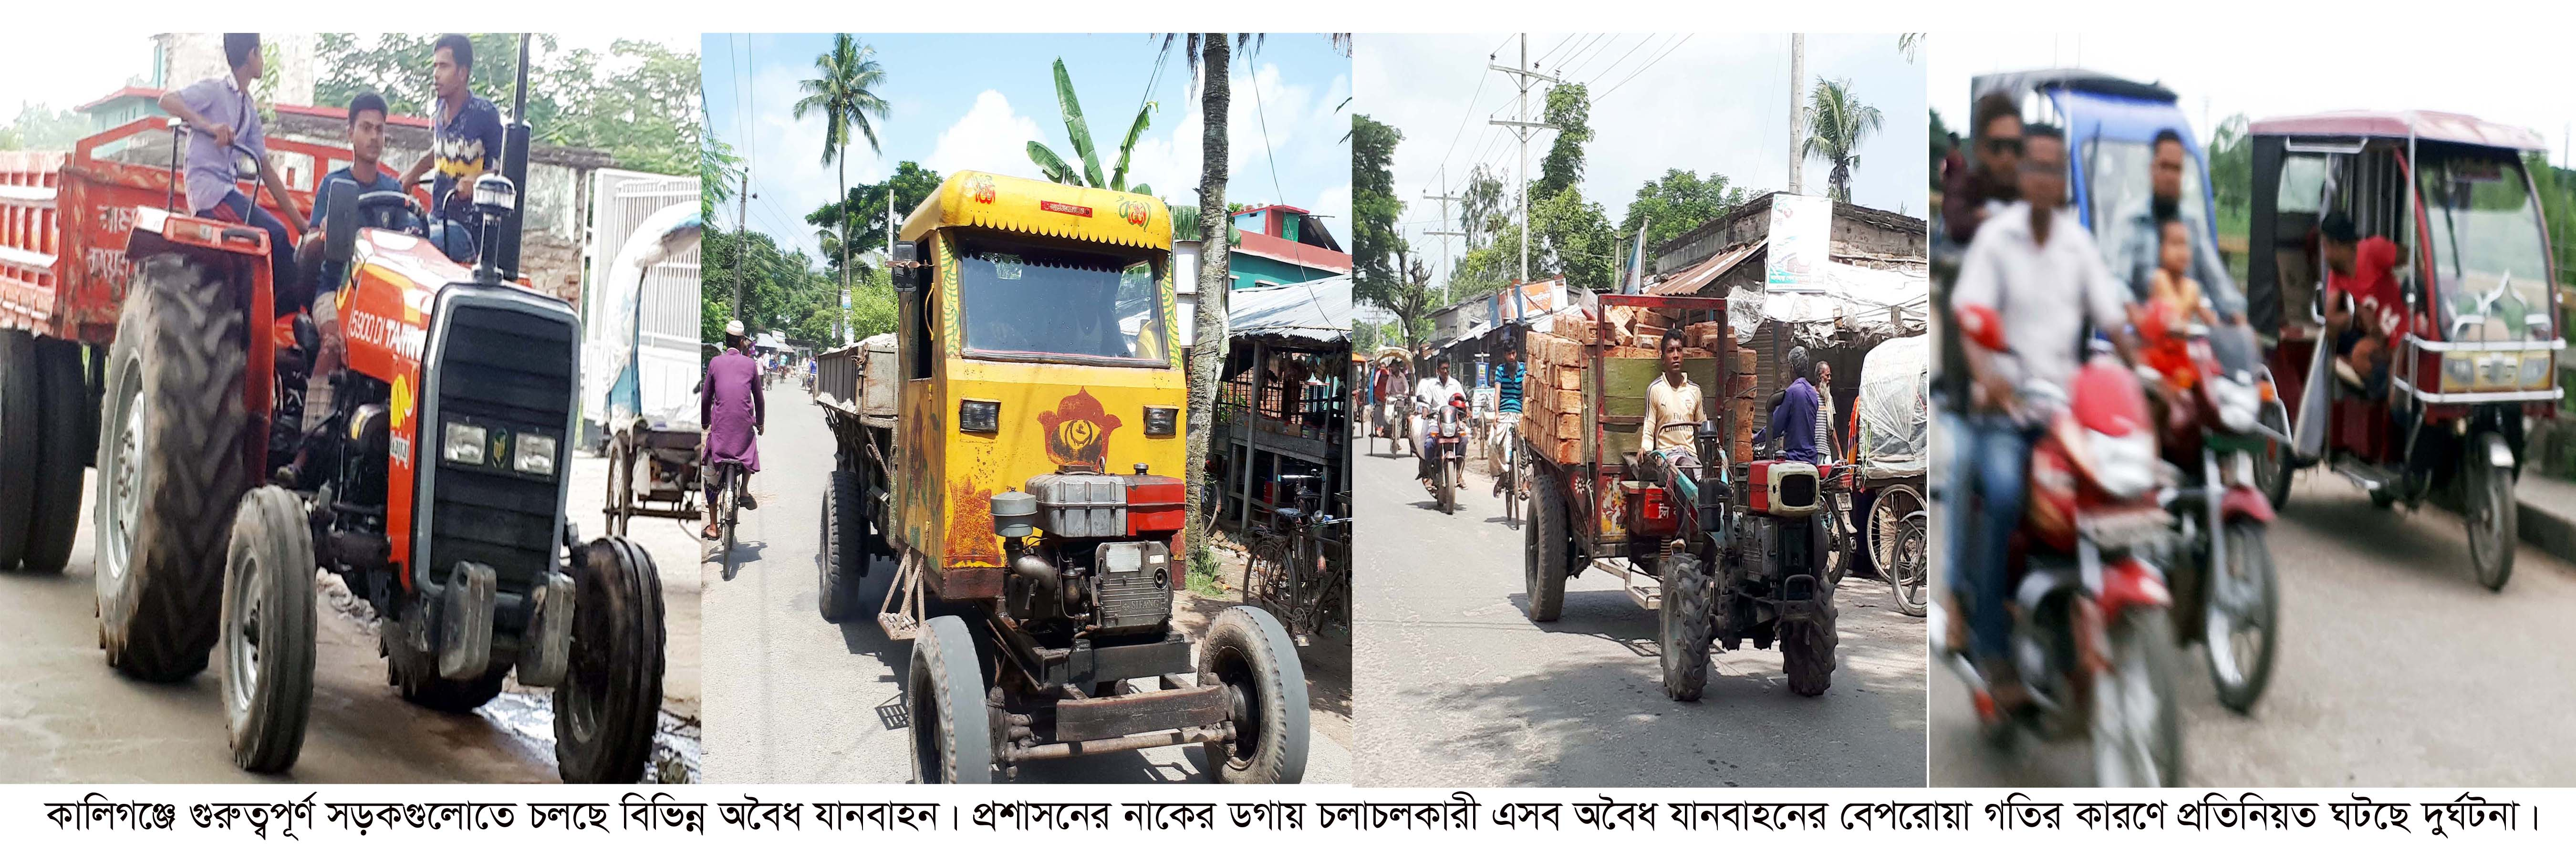 কালিগঞ্জের সড়কে অবৈধ যানবাহনের বেপরোয়া চলাচল: ঘটছে দুর্ঘটনা